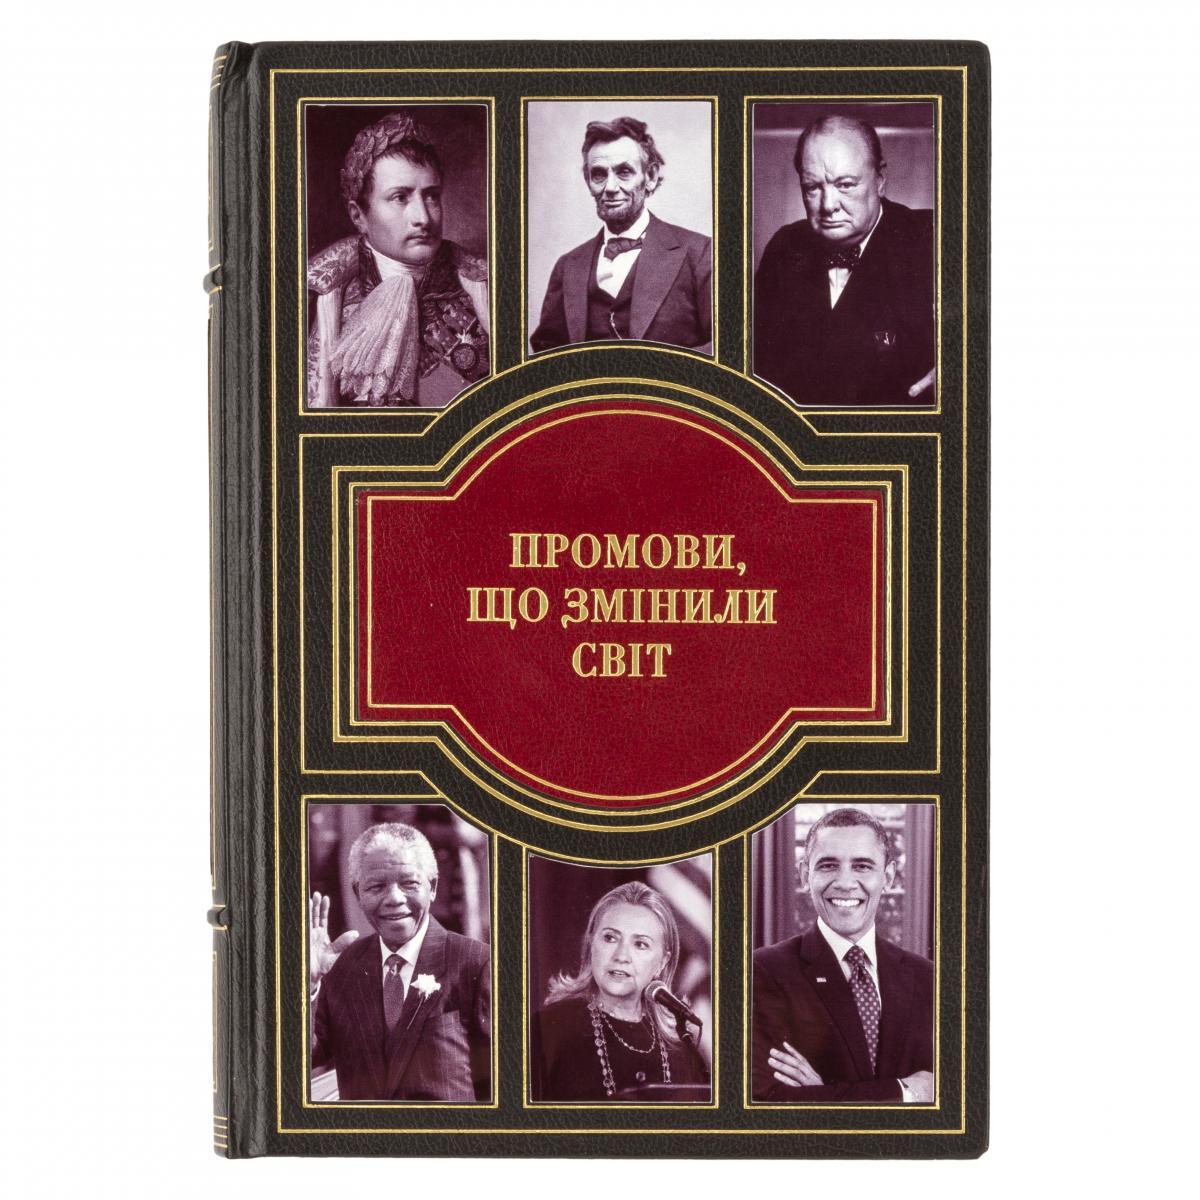 """Книга подарункова """"Промови, що змінили світ"""". Фото №2.   Народний дім Україна"""